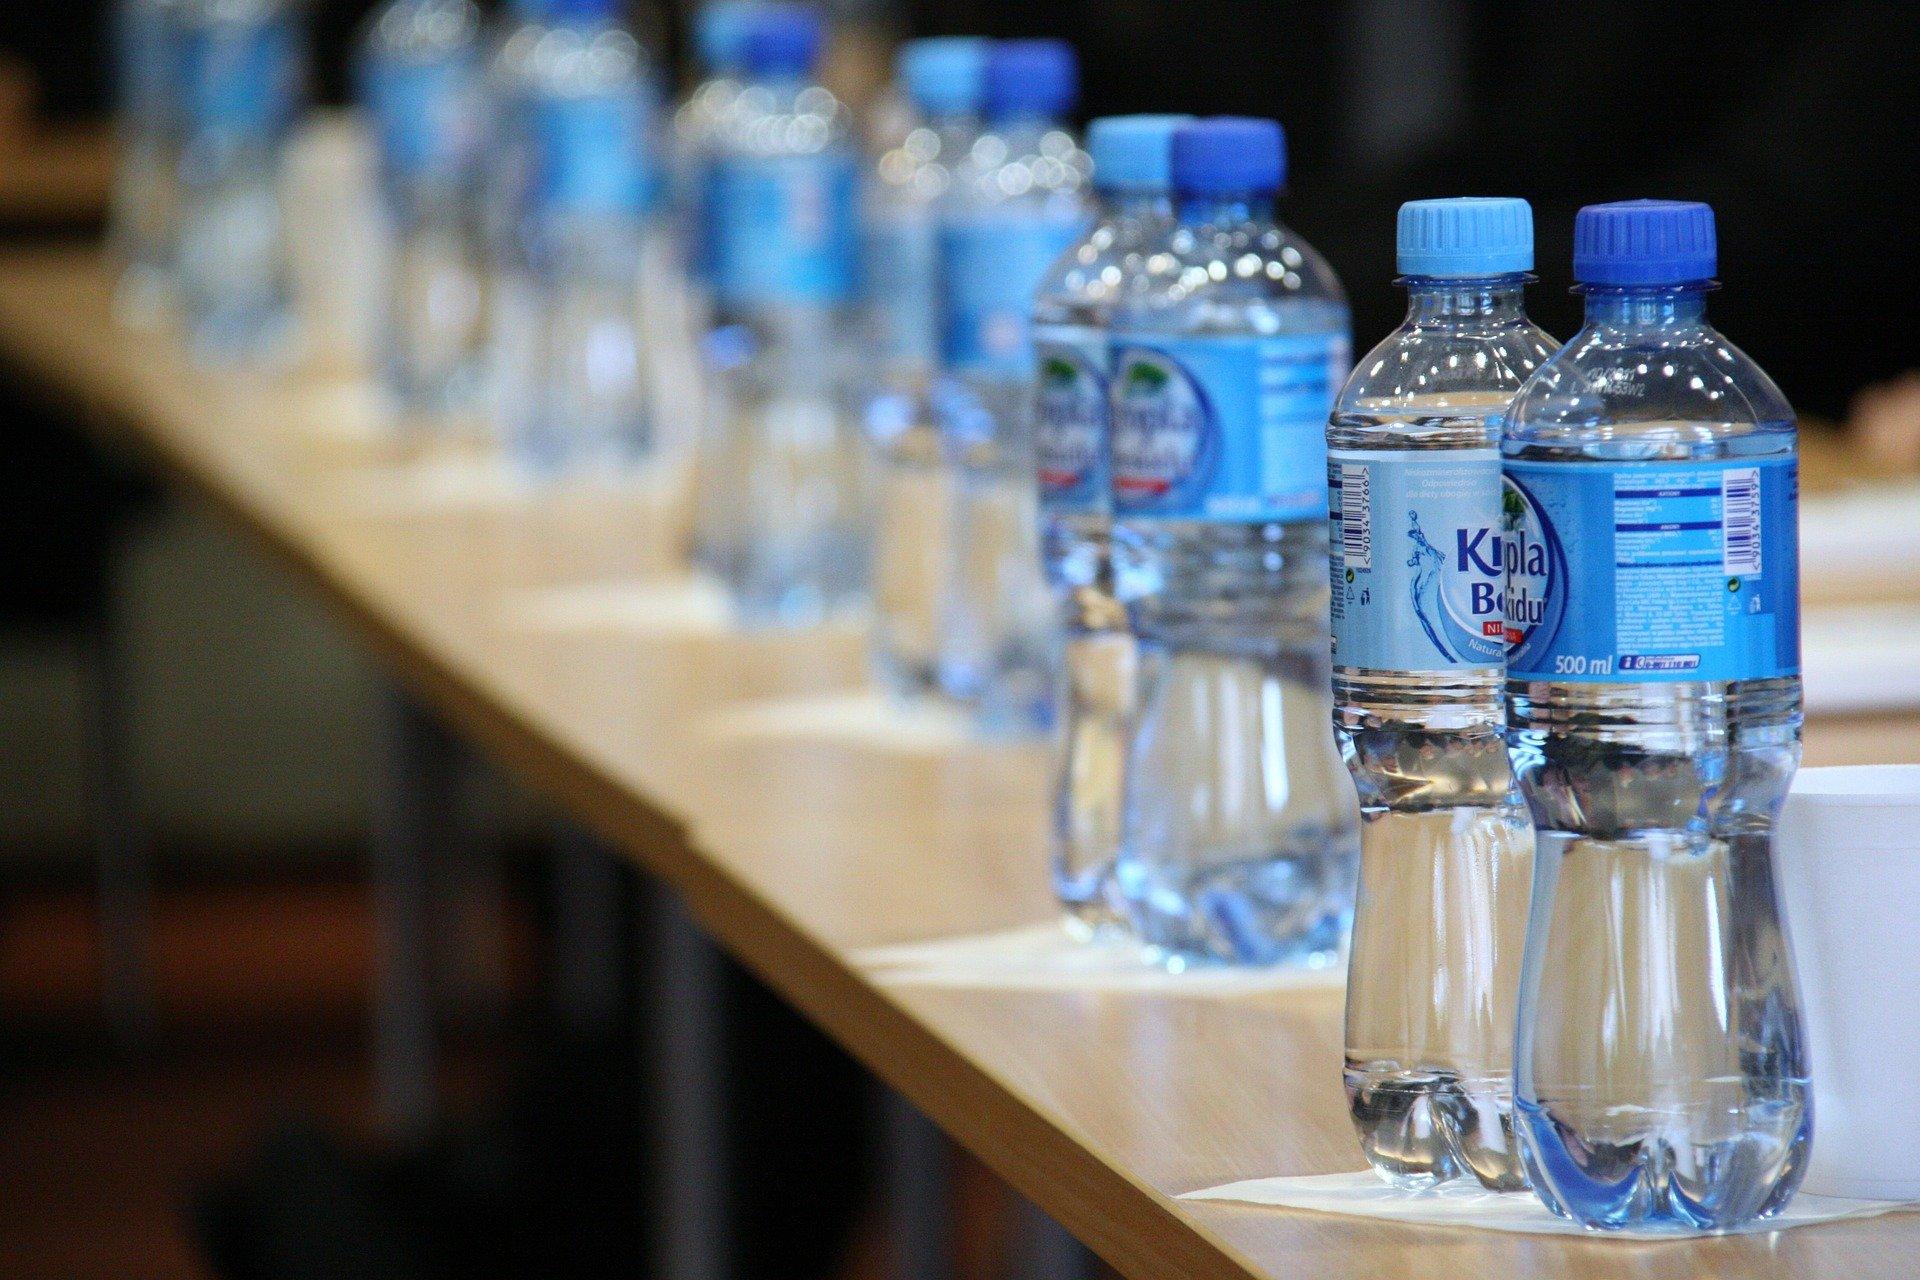 Wasserflaschen etikettieren